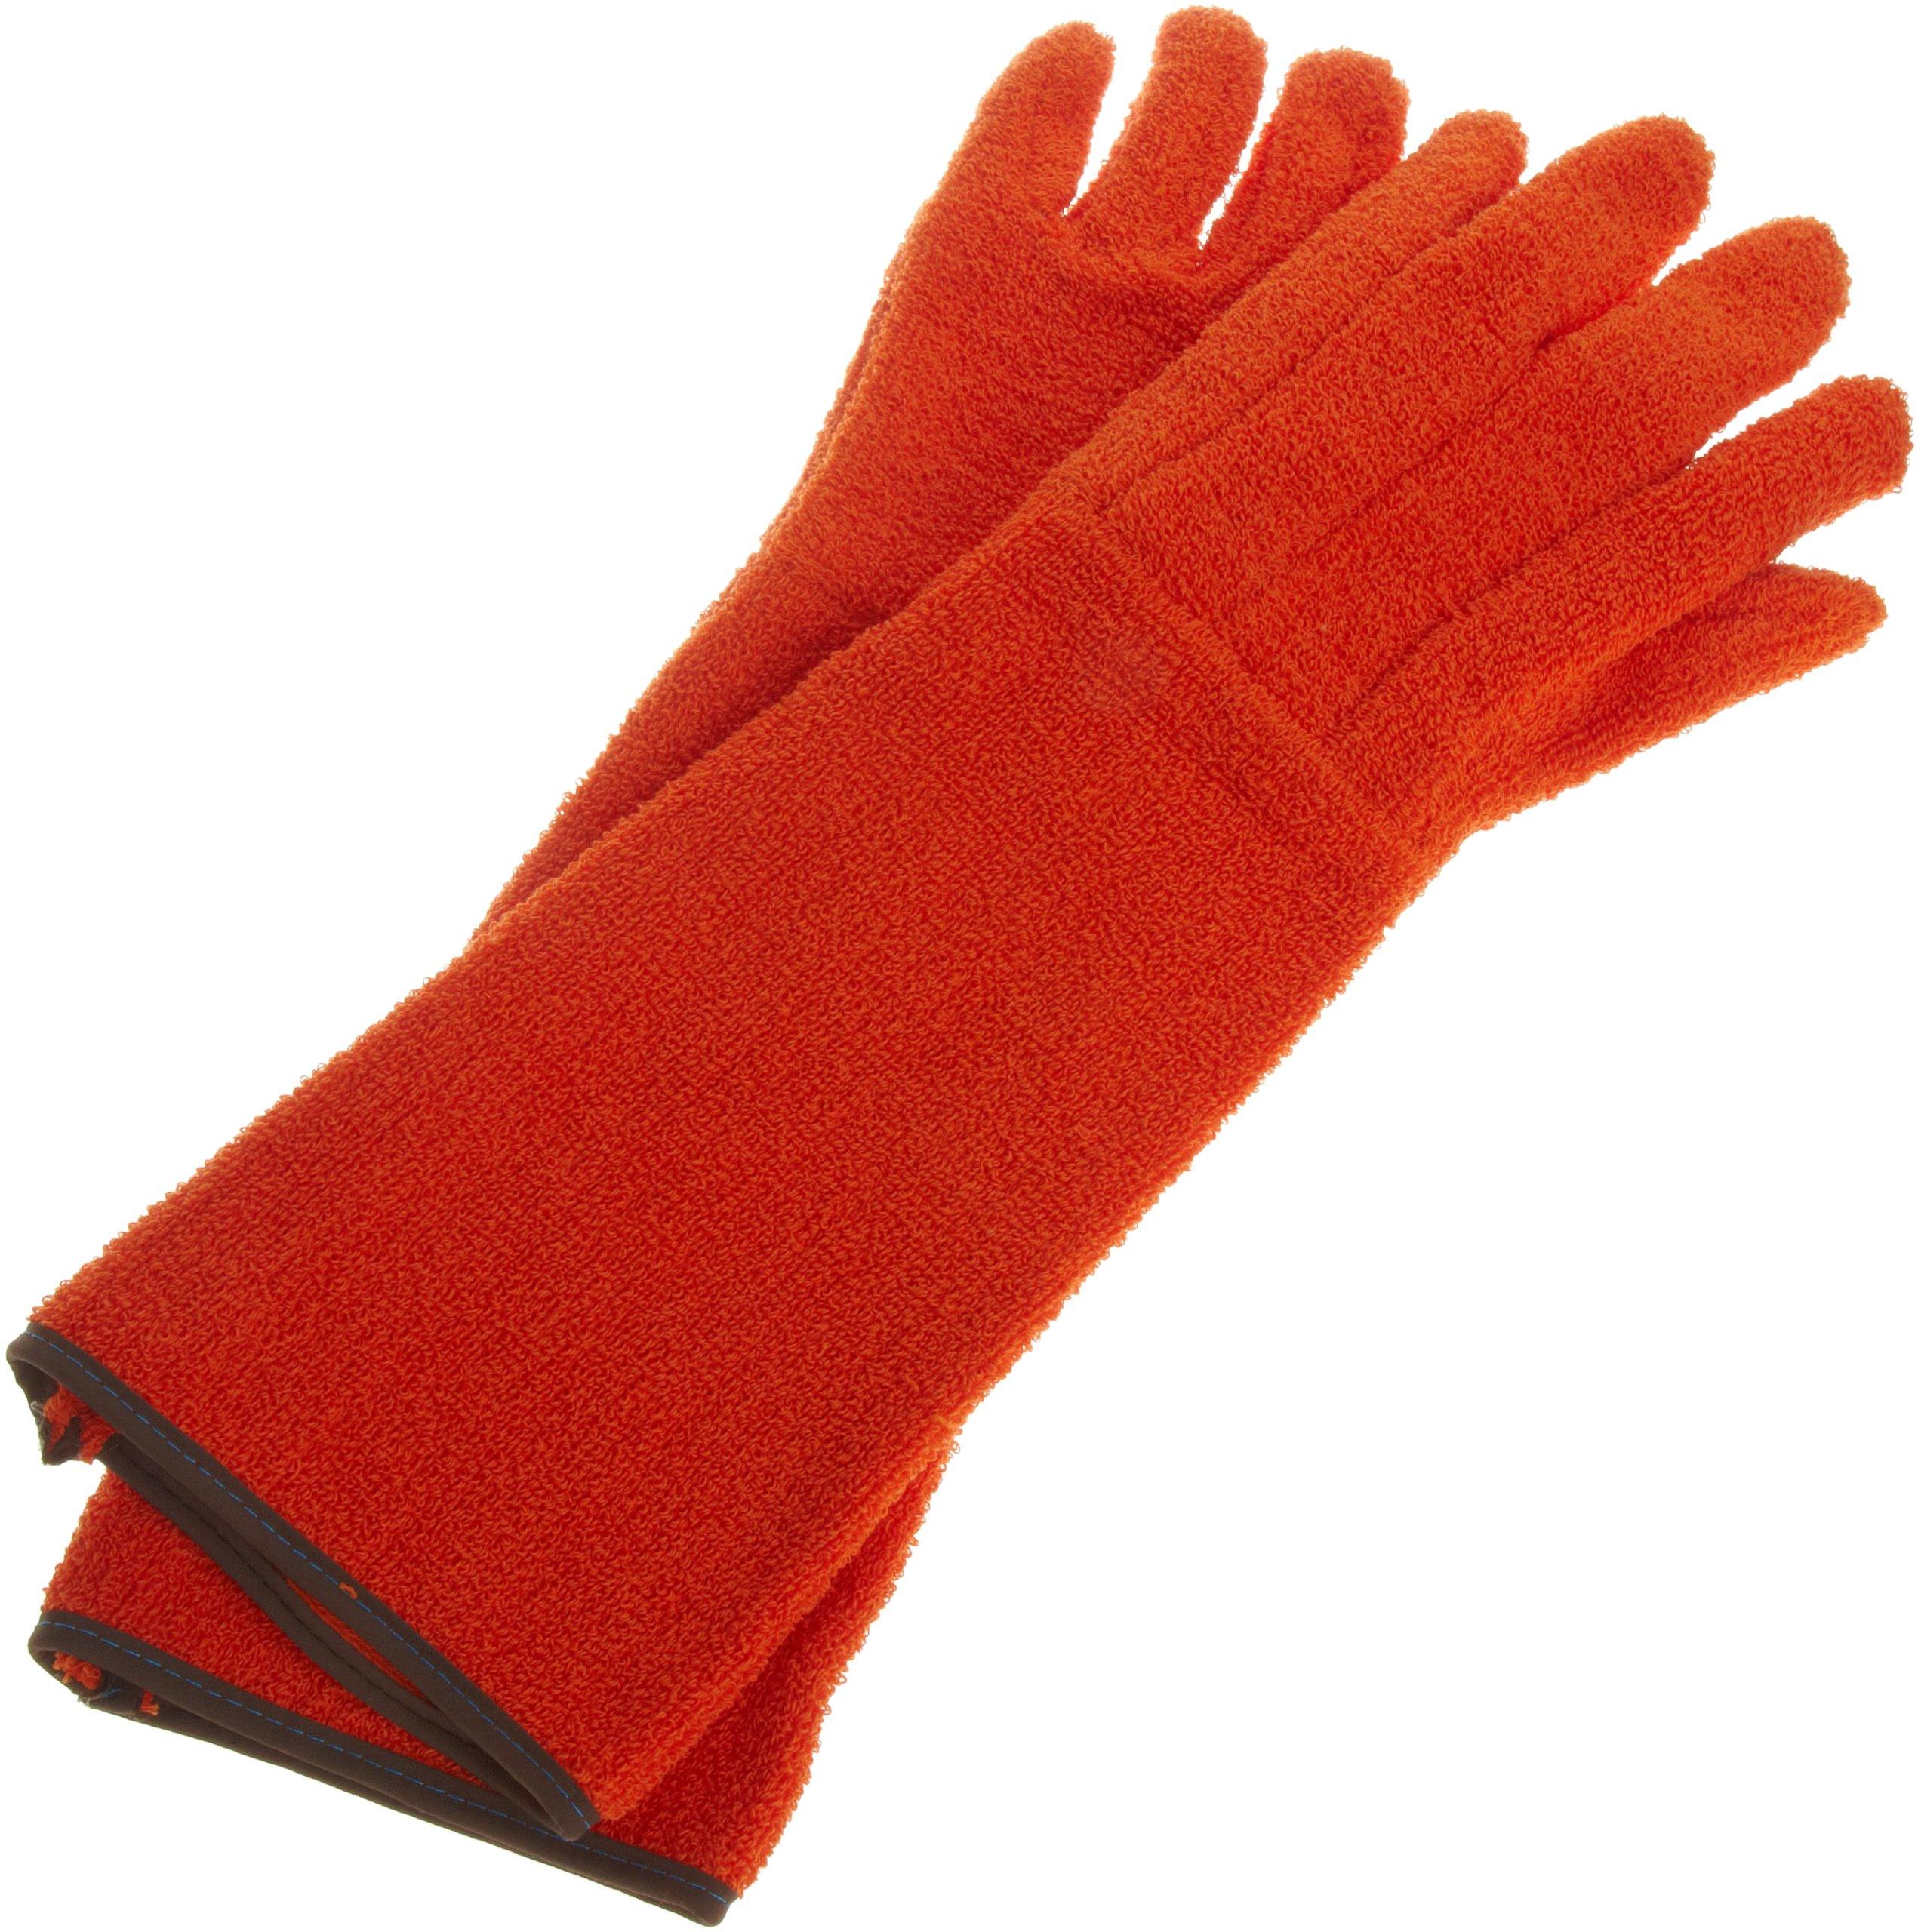 Bel-Art Clavies Heat Resistant Biohazard Autoclave/Oven Gloves; 11 in. Gauntlet (H13201-0001)